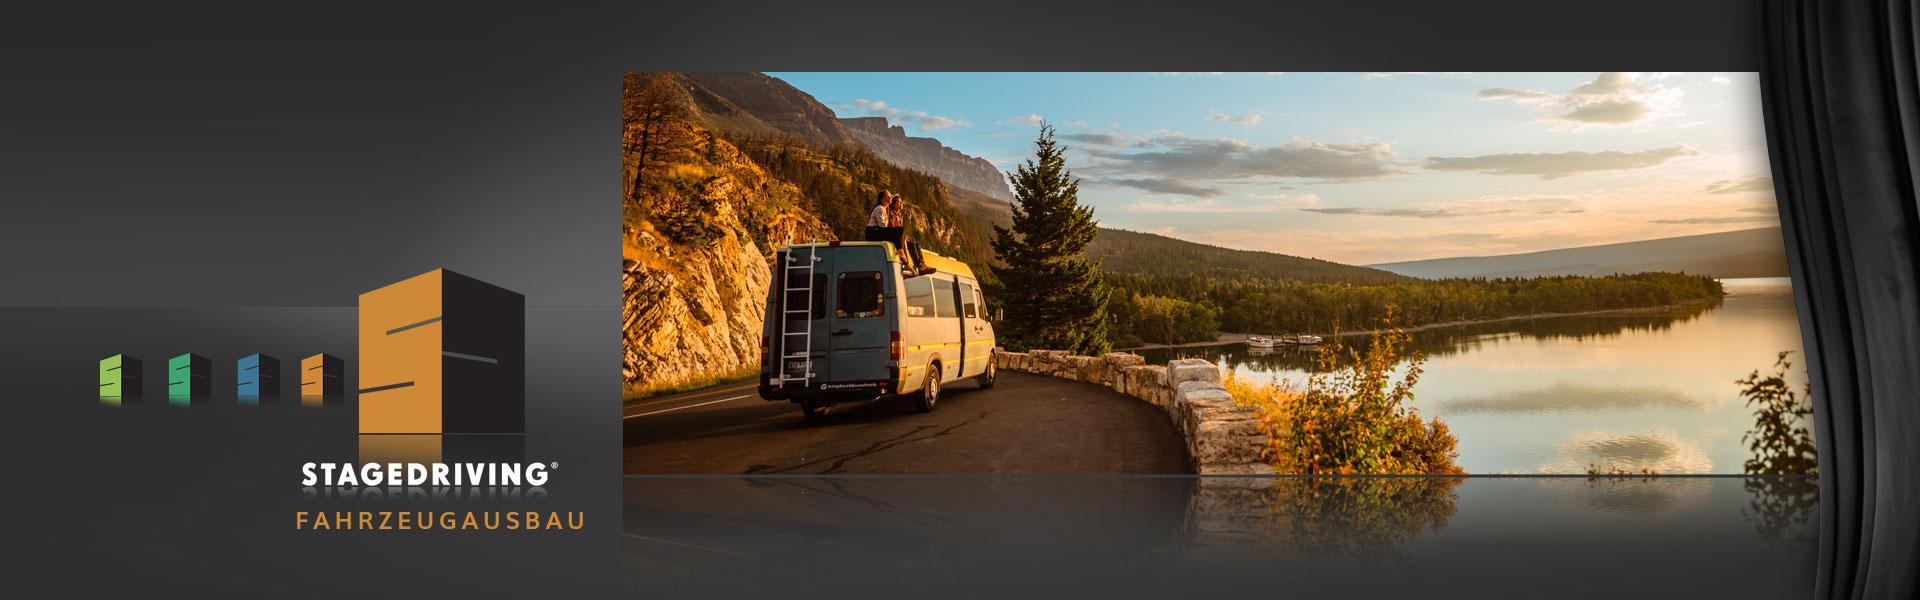 stagedriving campervan